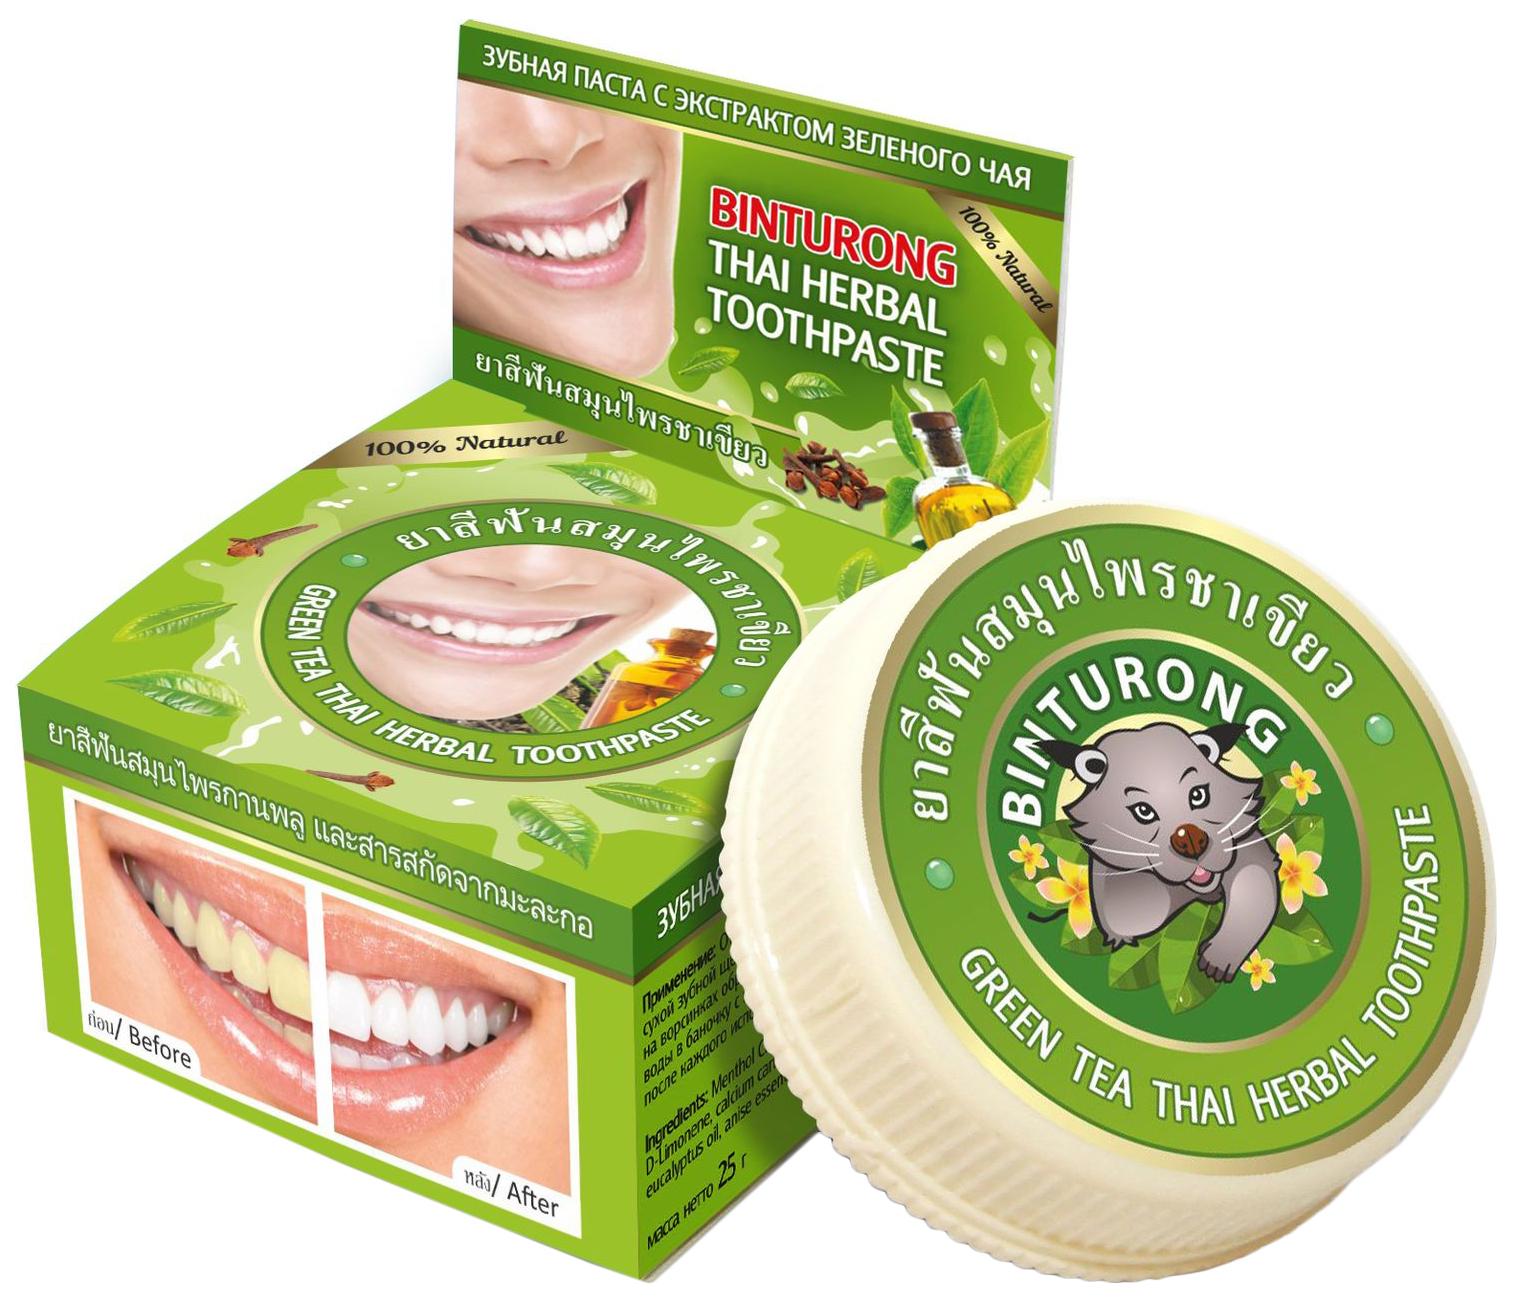 Купить Зубная паста BINTURONG C экстрактом зеленого чая 33 г